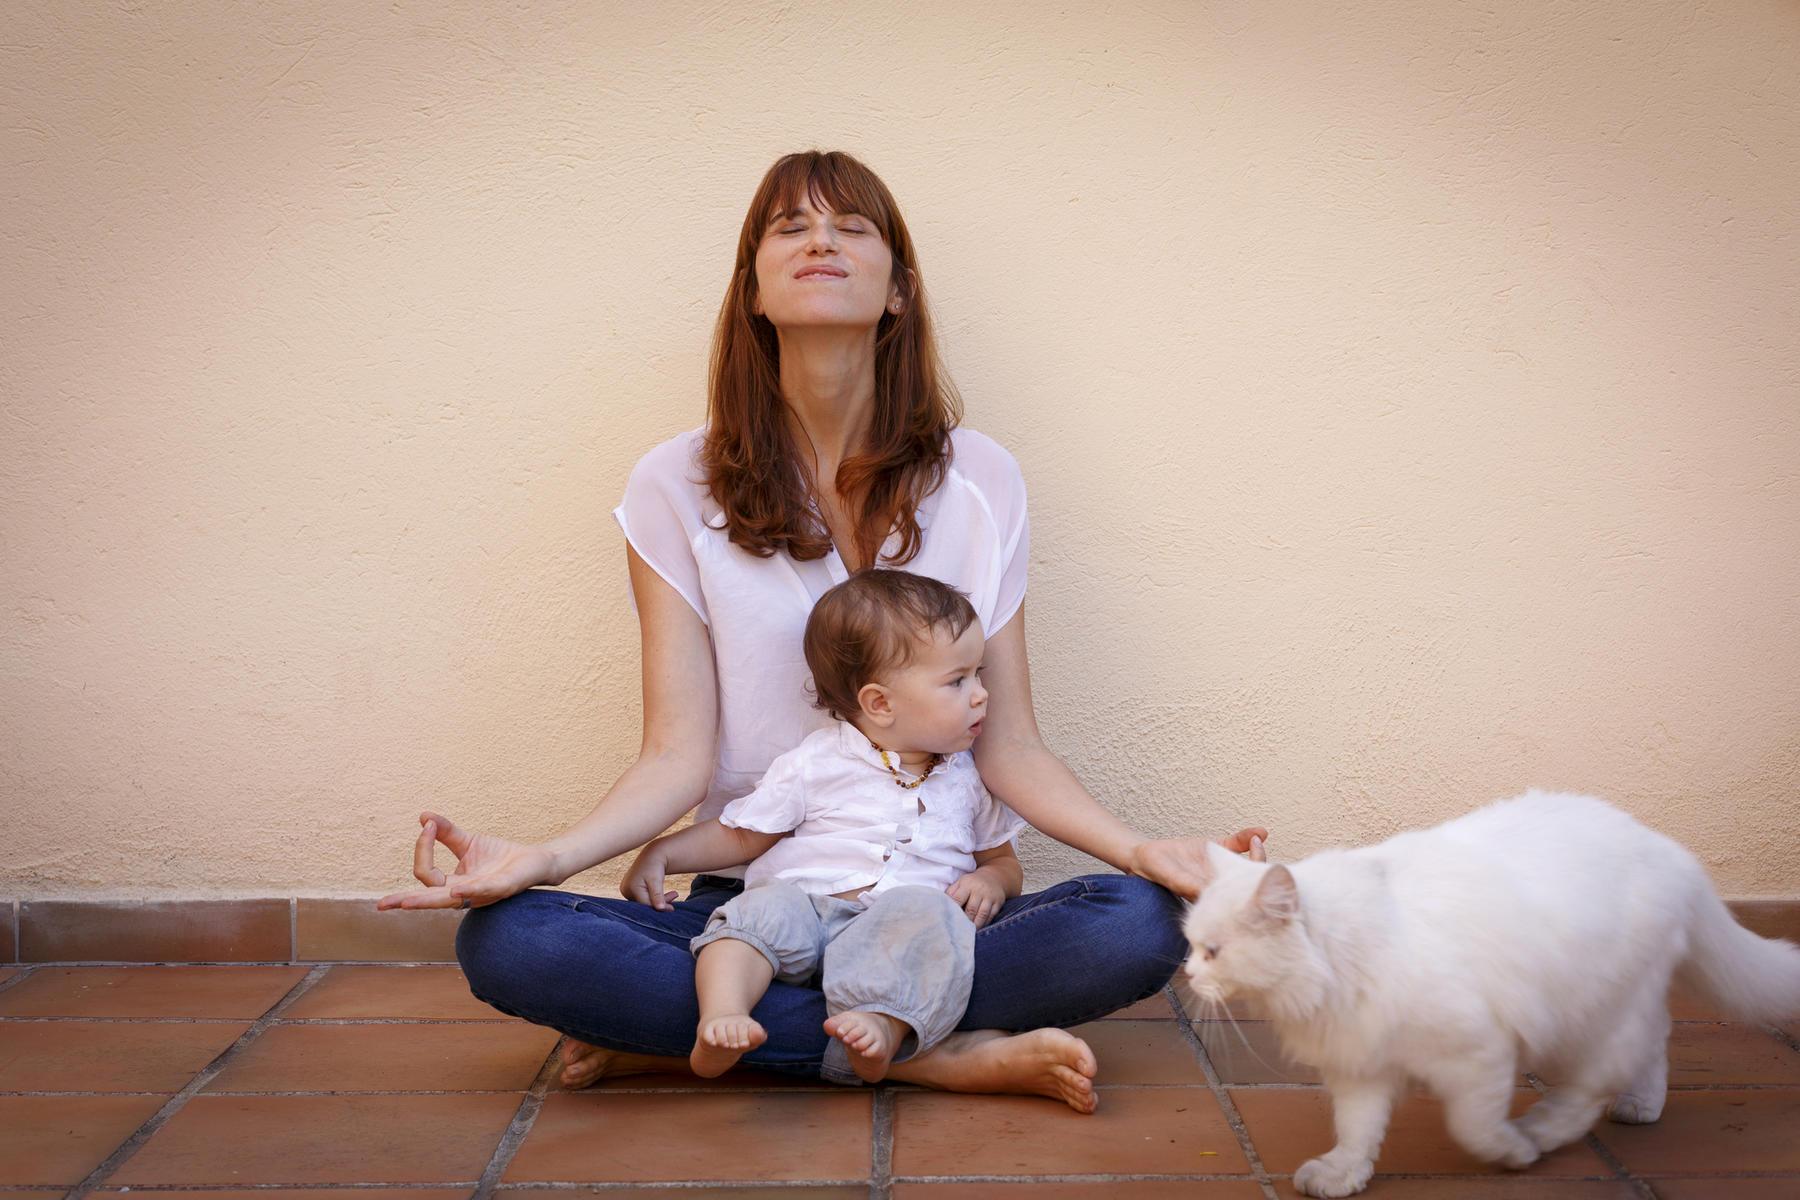 Αυτοφροντίδα εργαζόμενες μαμάδες: Όταν ο προσωπικός χρόνος φαντάζει ανέφικτο όνειρο